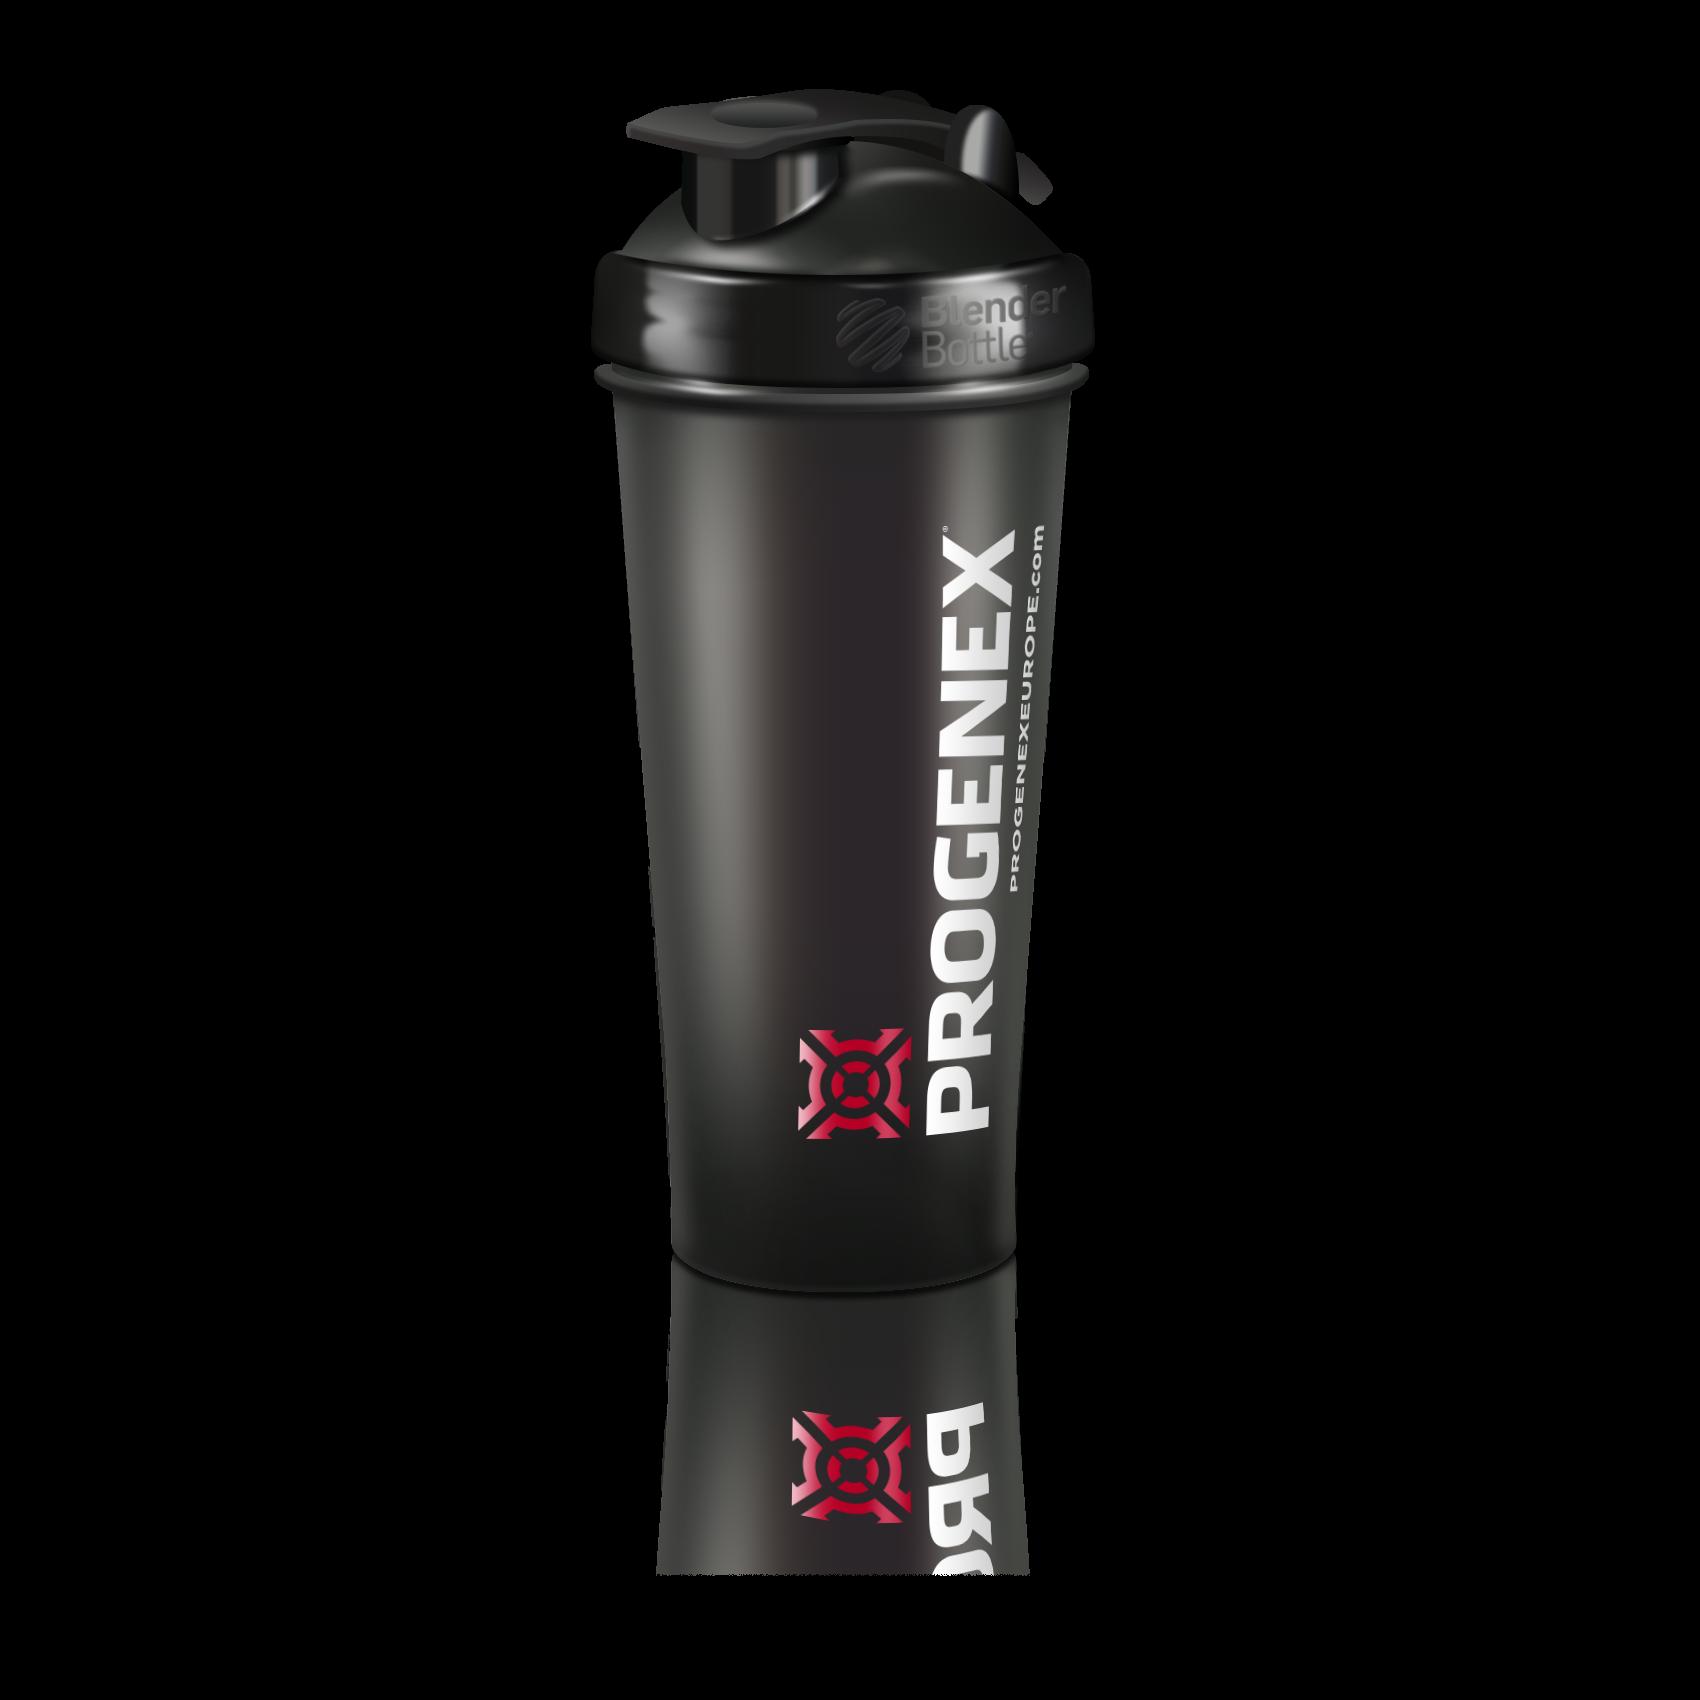 LTD. EDITION BLACK Shaker Bottle